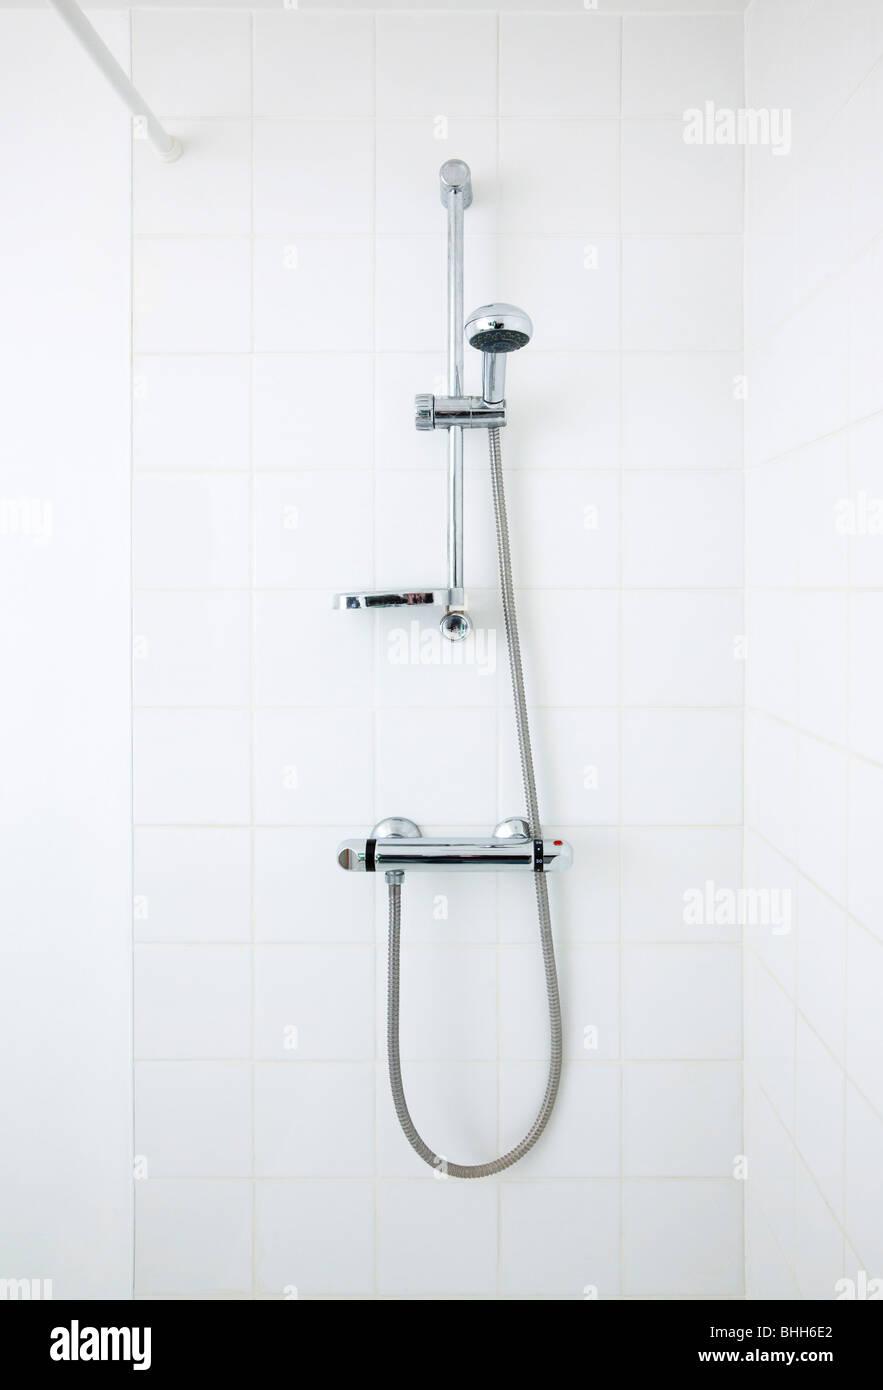 mixer shower in bathroom - Stock Image